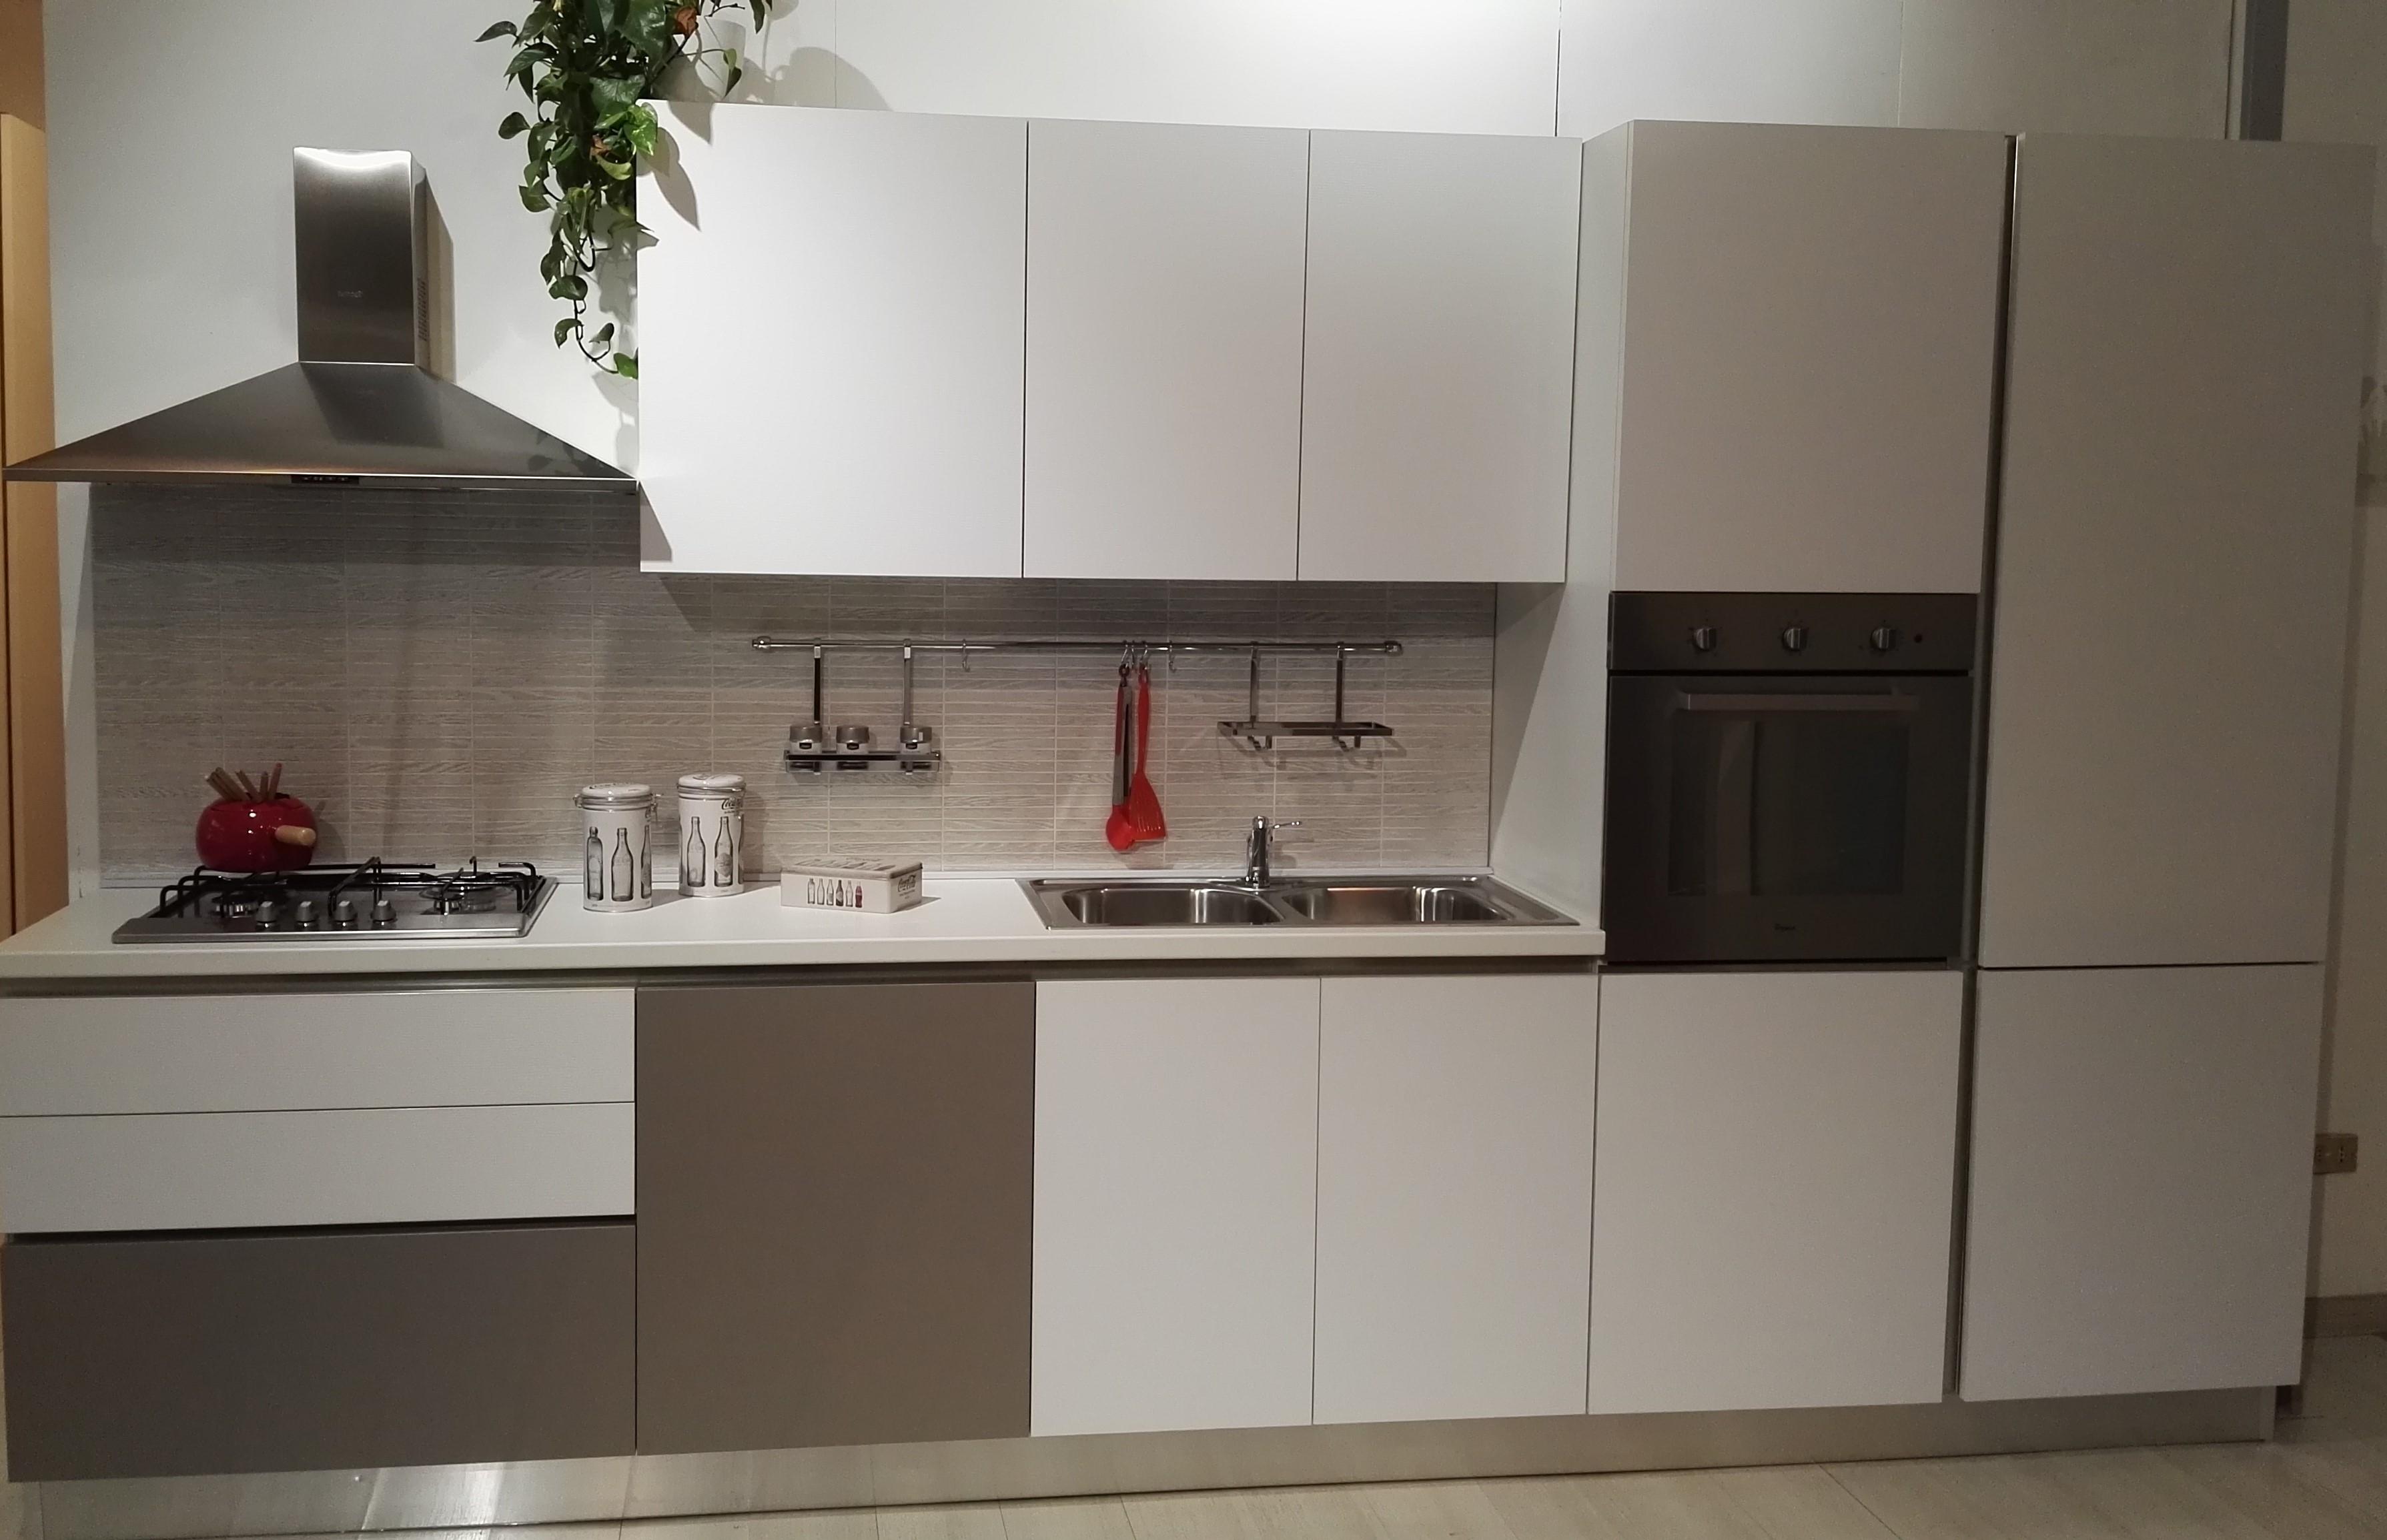 Cucina cm 360 scontatissima pronta consegna cucine a - Cucine pronta consegna ...